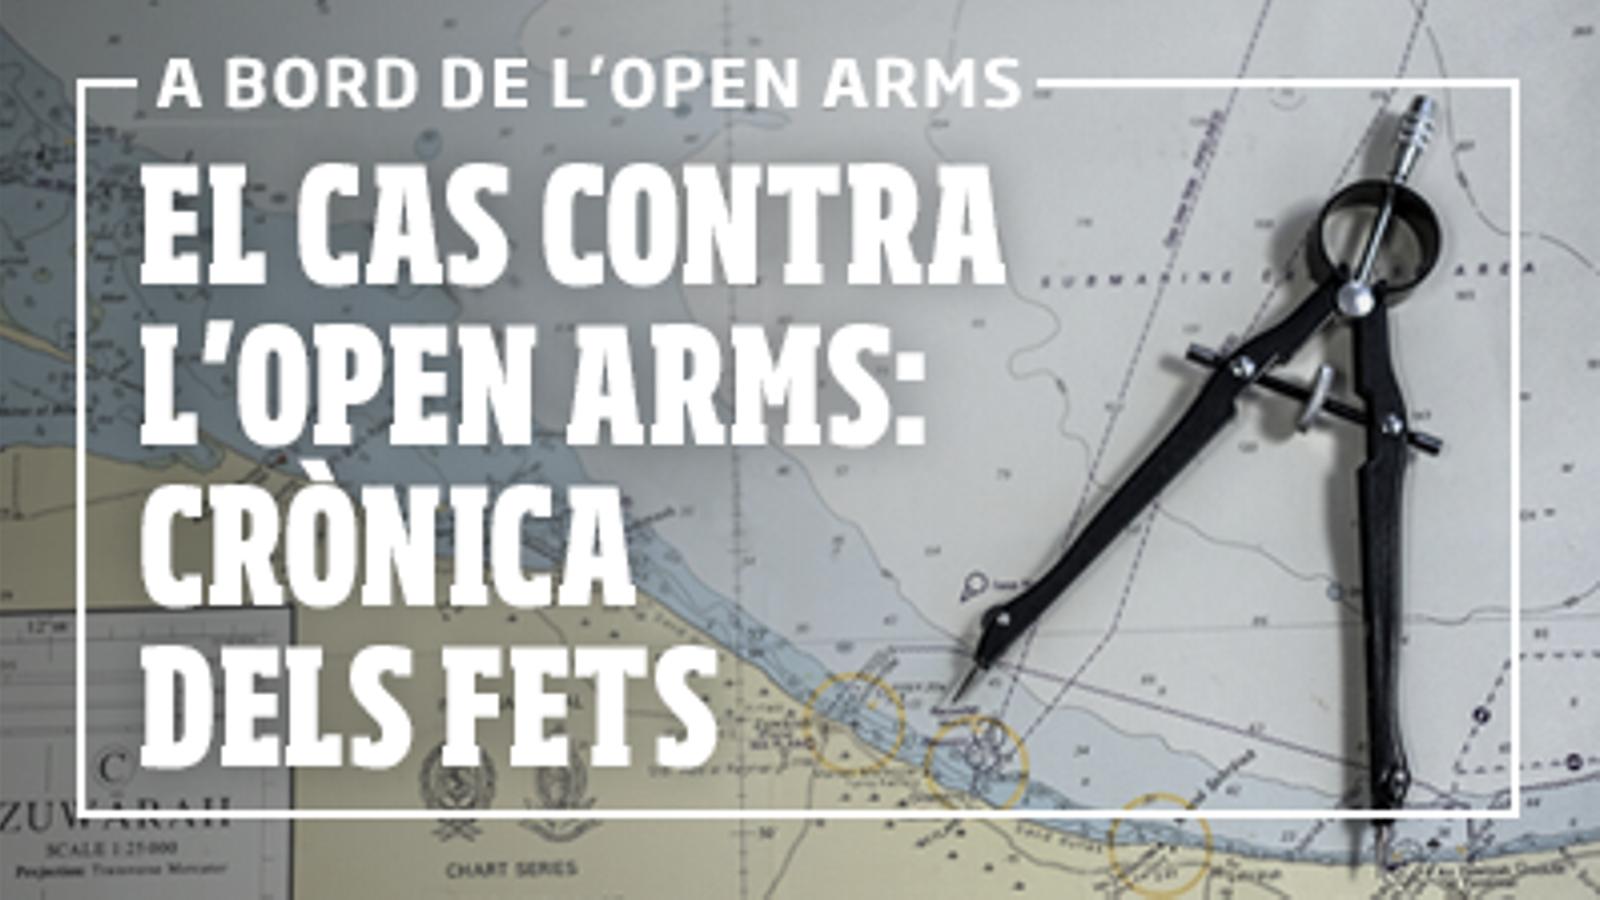 El cas contra l'Open Arms: crònica dels fets